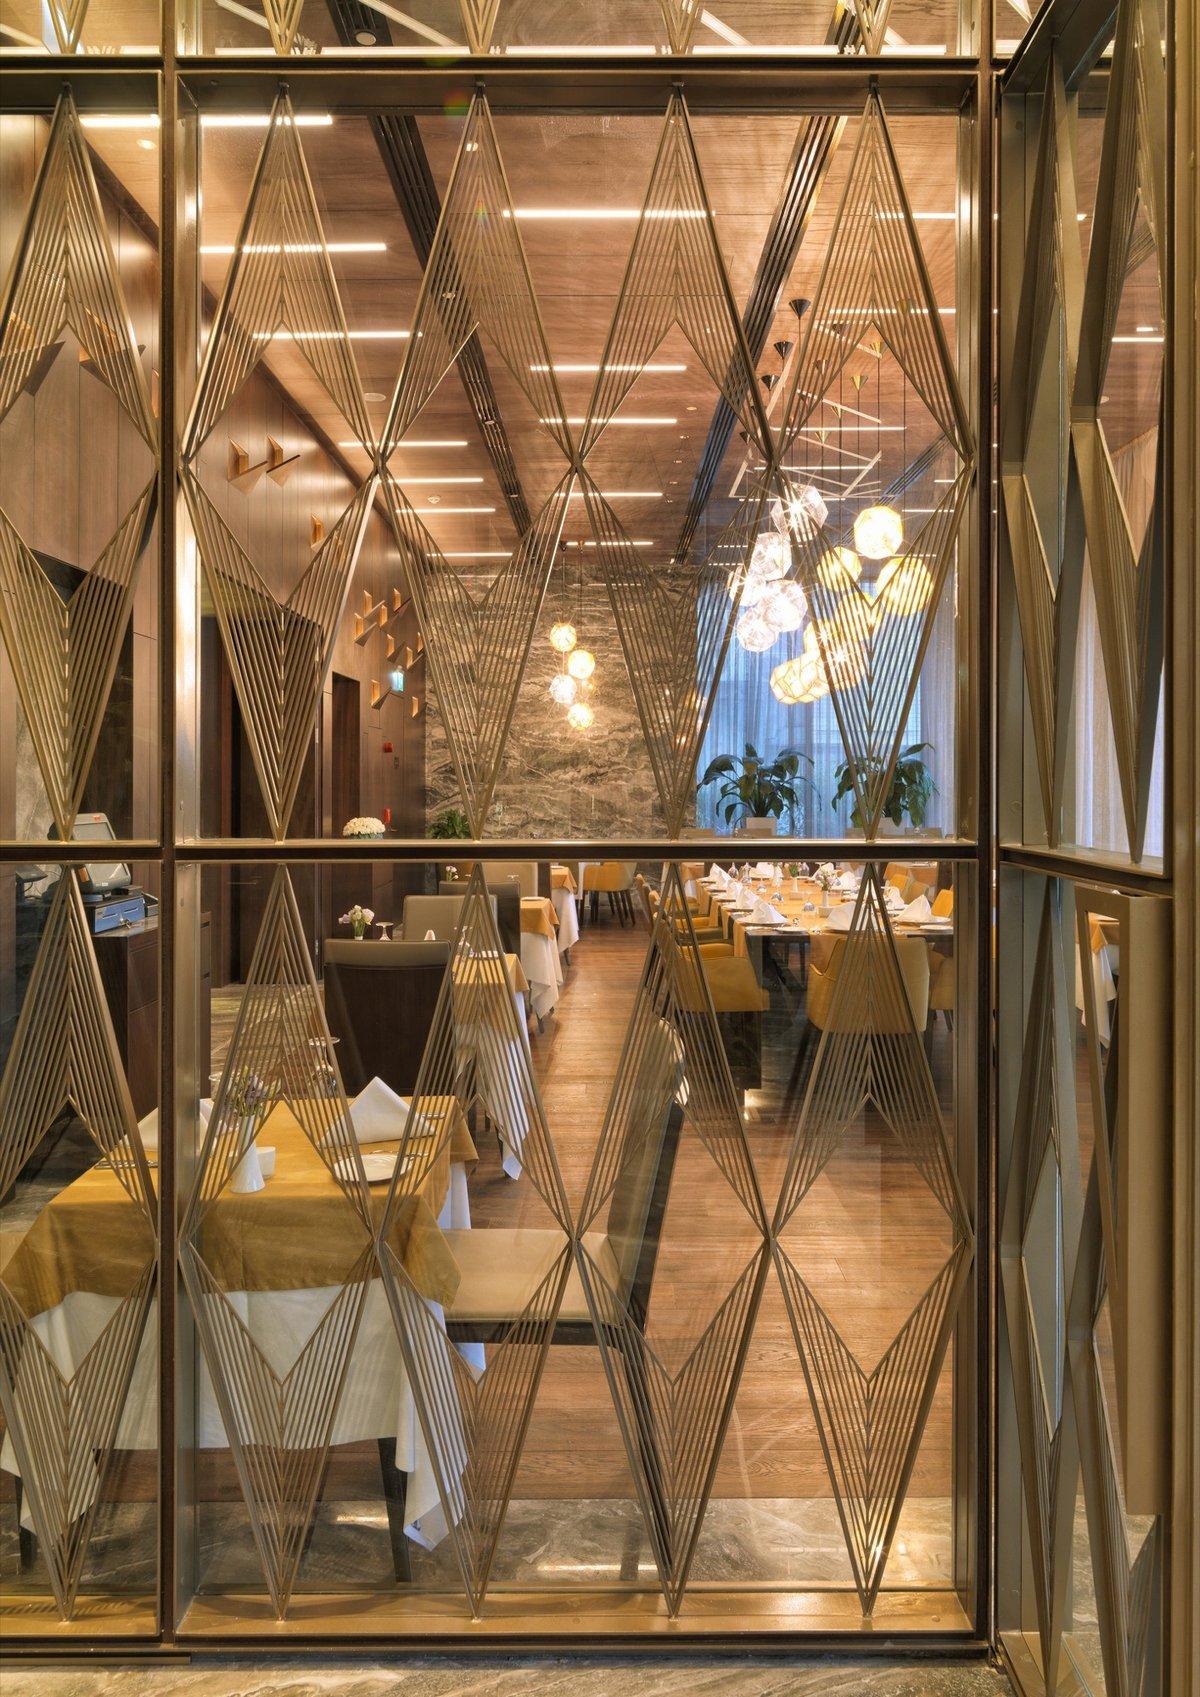 Naz City Hotel Taksim, лучшие отели стамбула, фото отели стамбула, Metex Design Group, интерьеры отелей мира, дизайн интерьера отеля